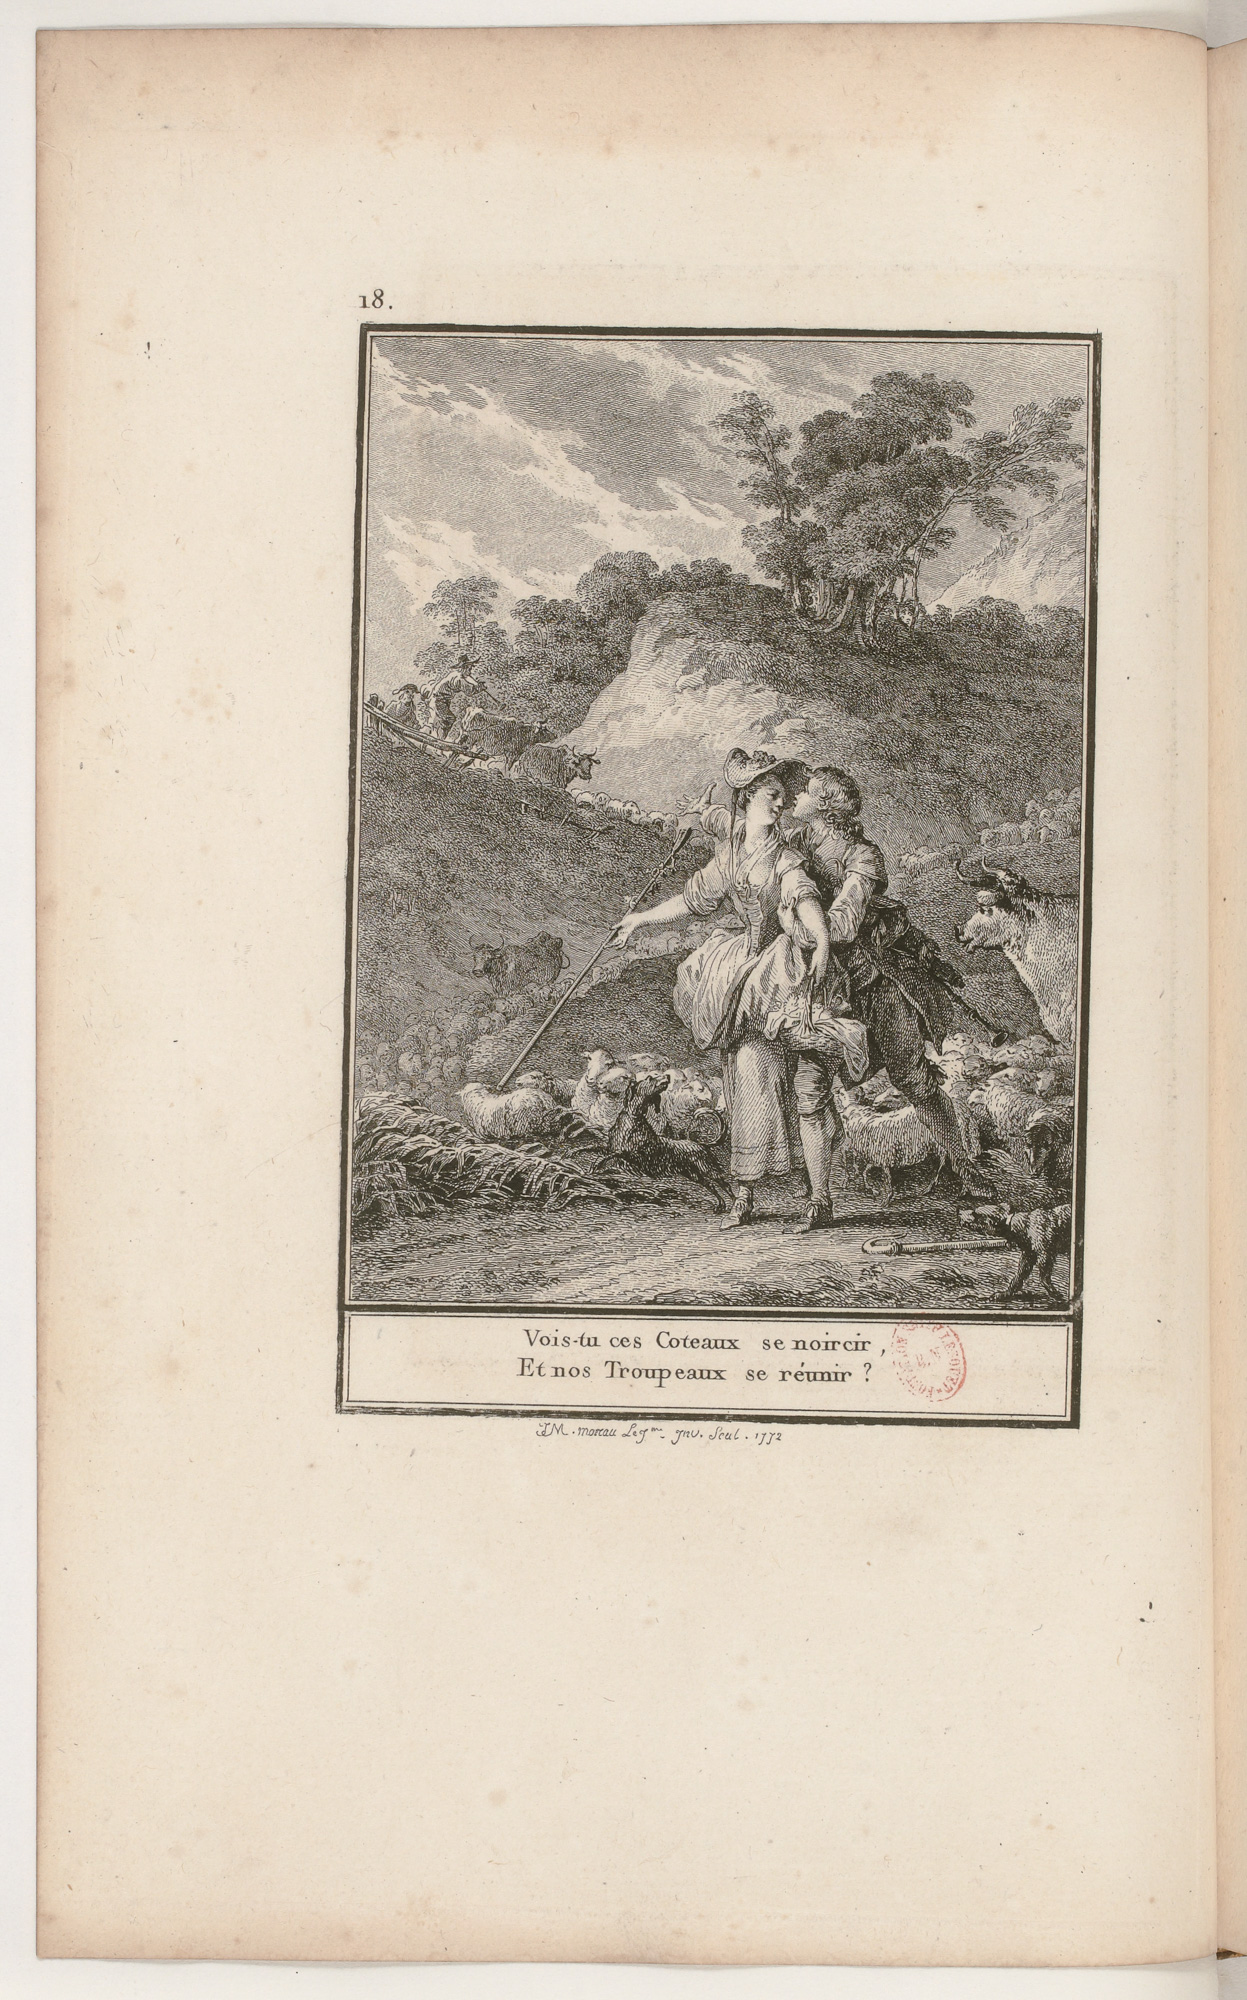 S.1.03 Le declin du jour,1772, Image